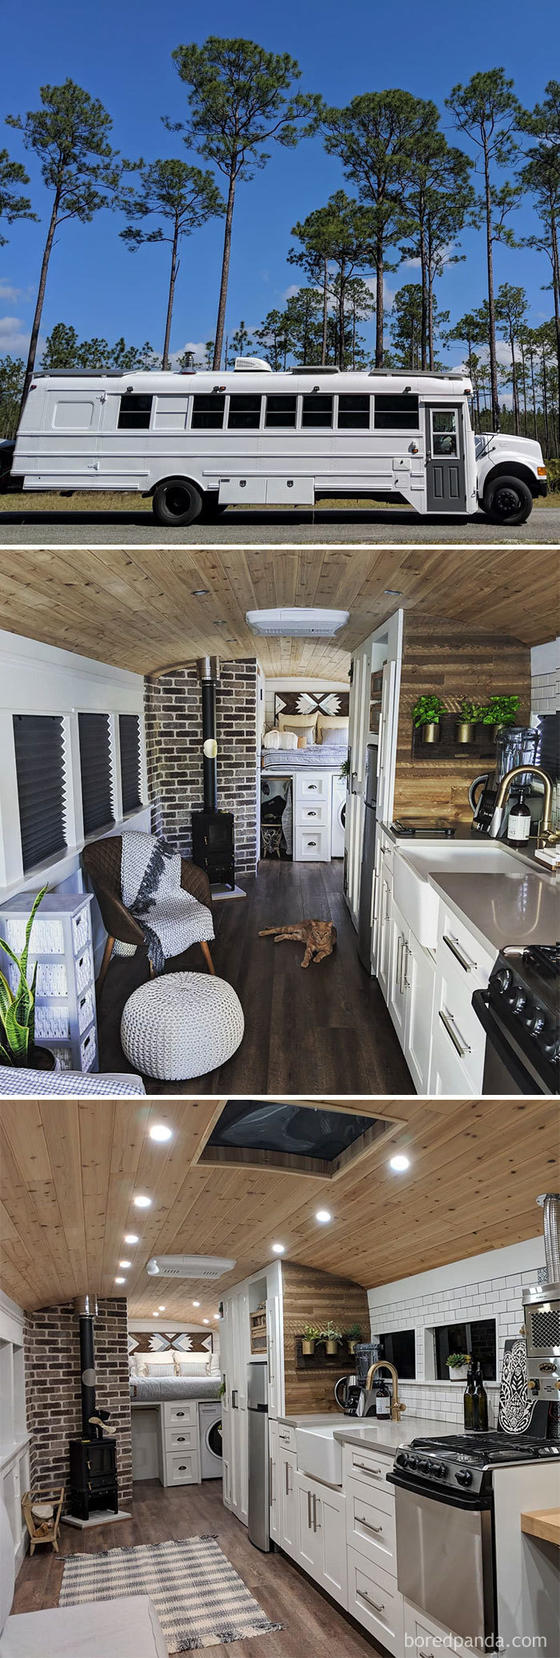 30 лучших домов на колесах, которые я когда-либо видел